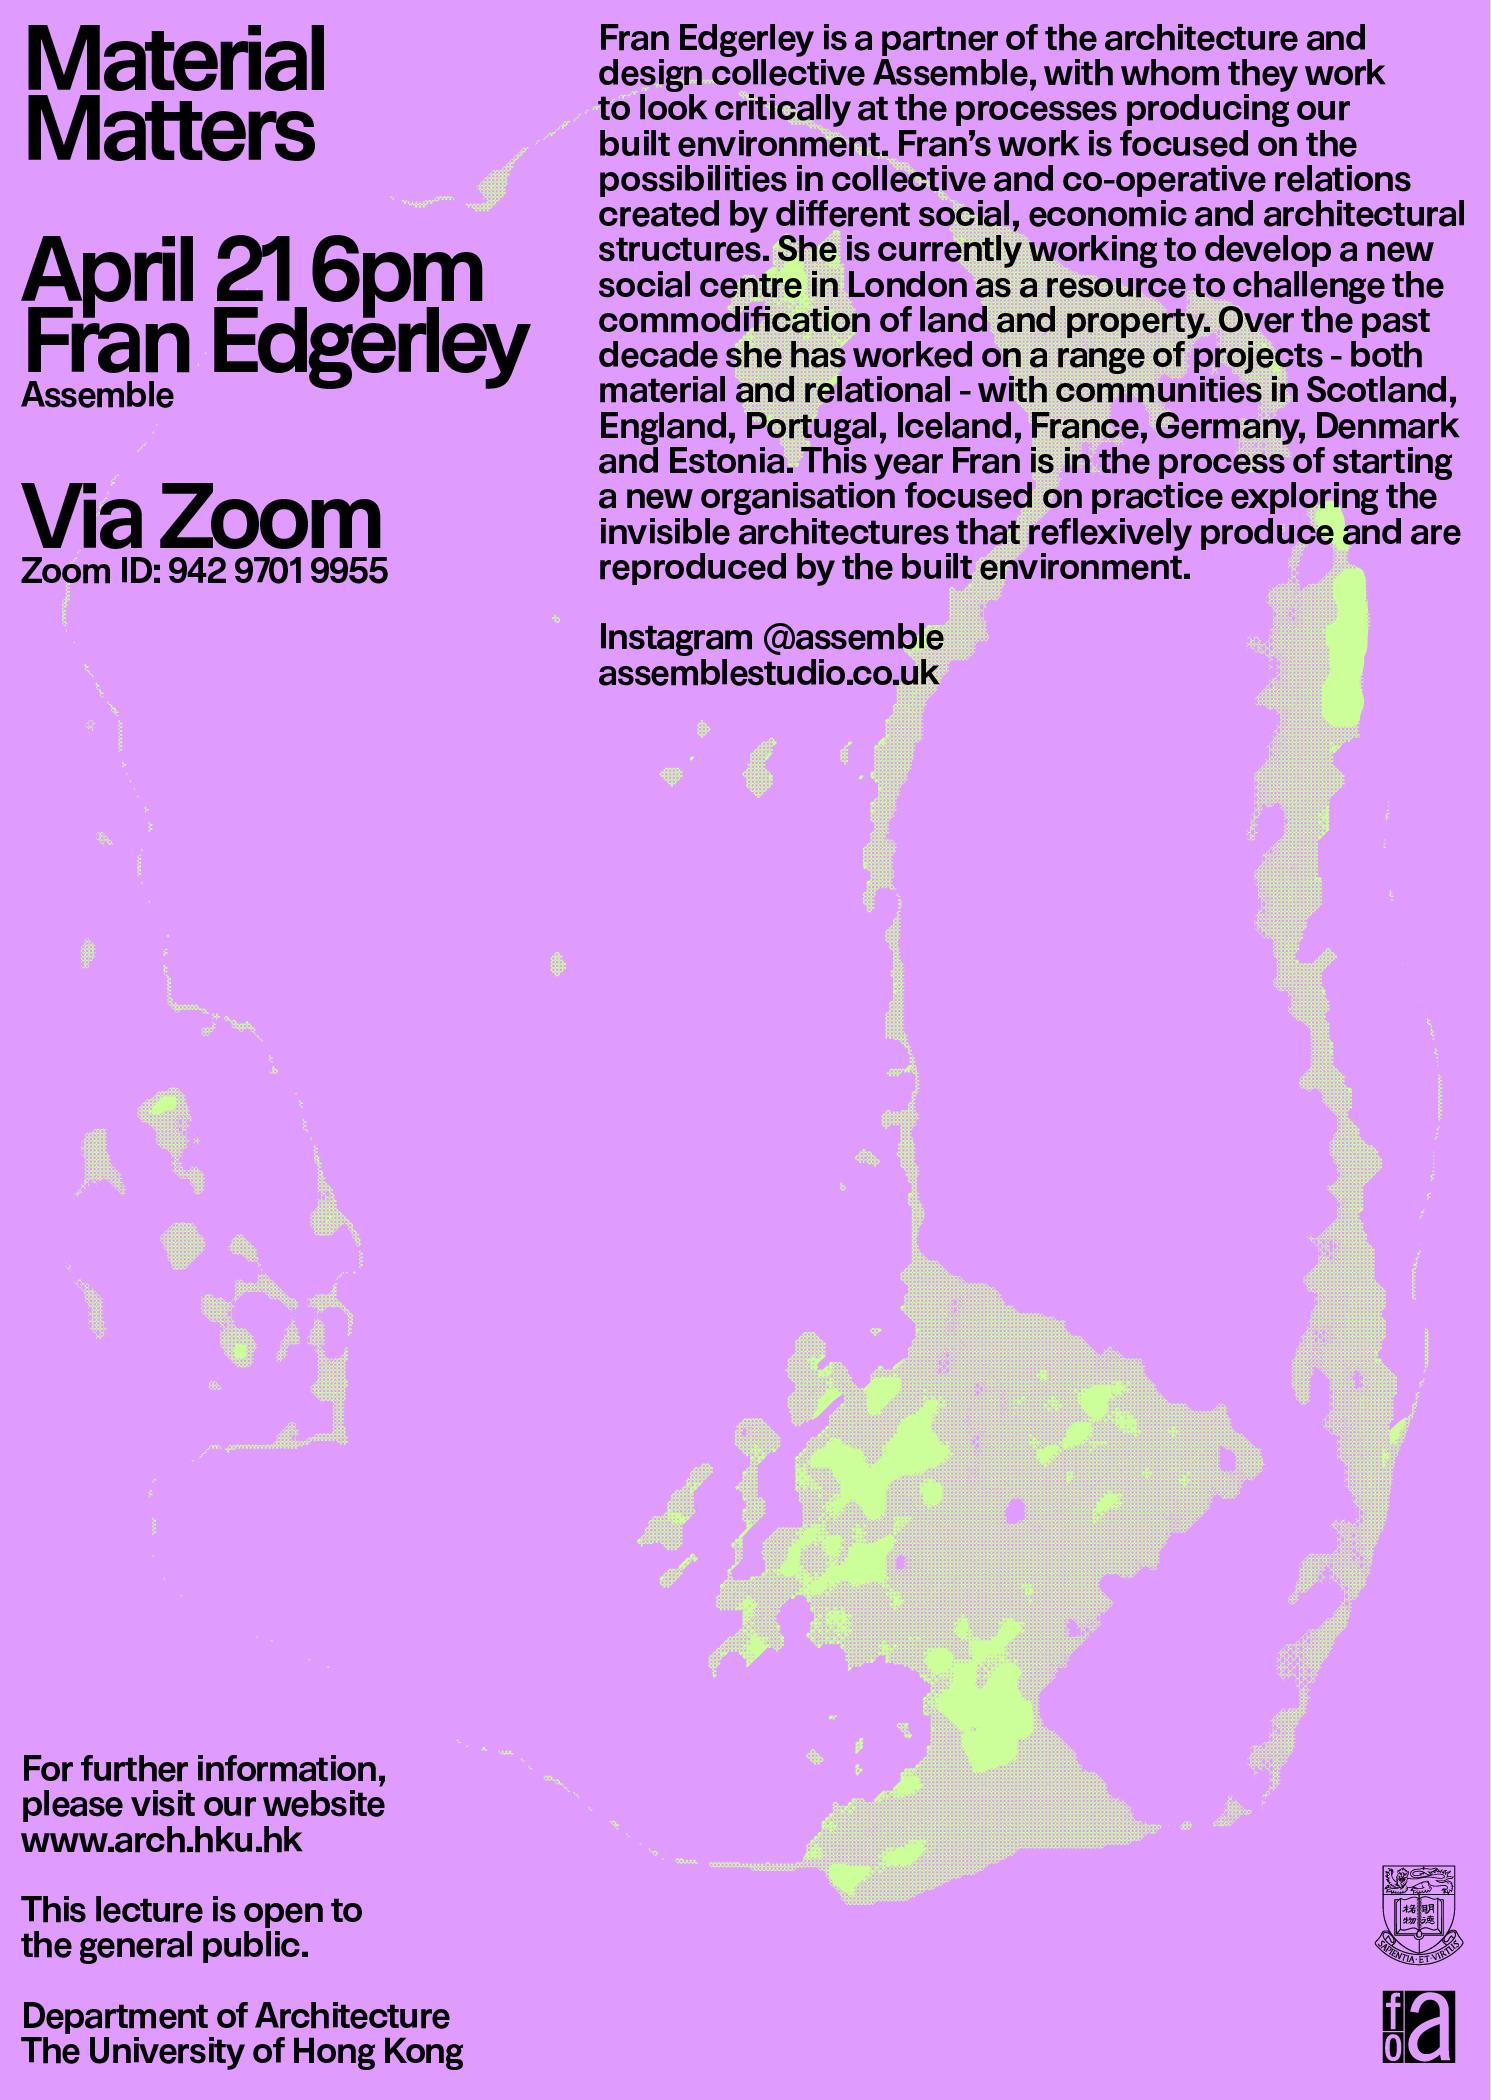 Fran Edgerley